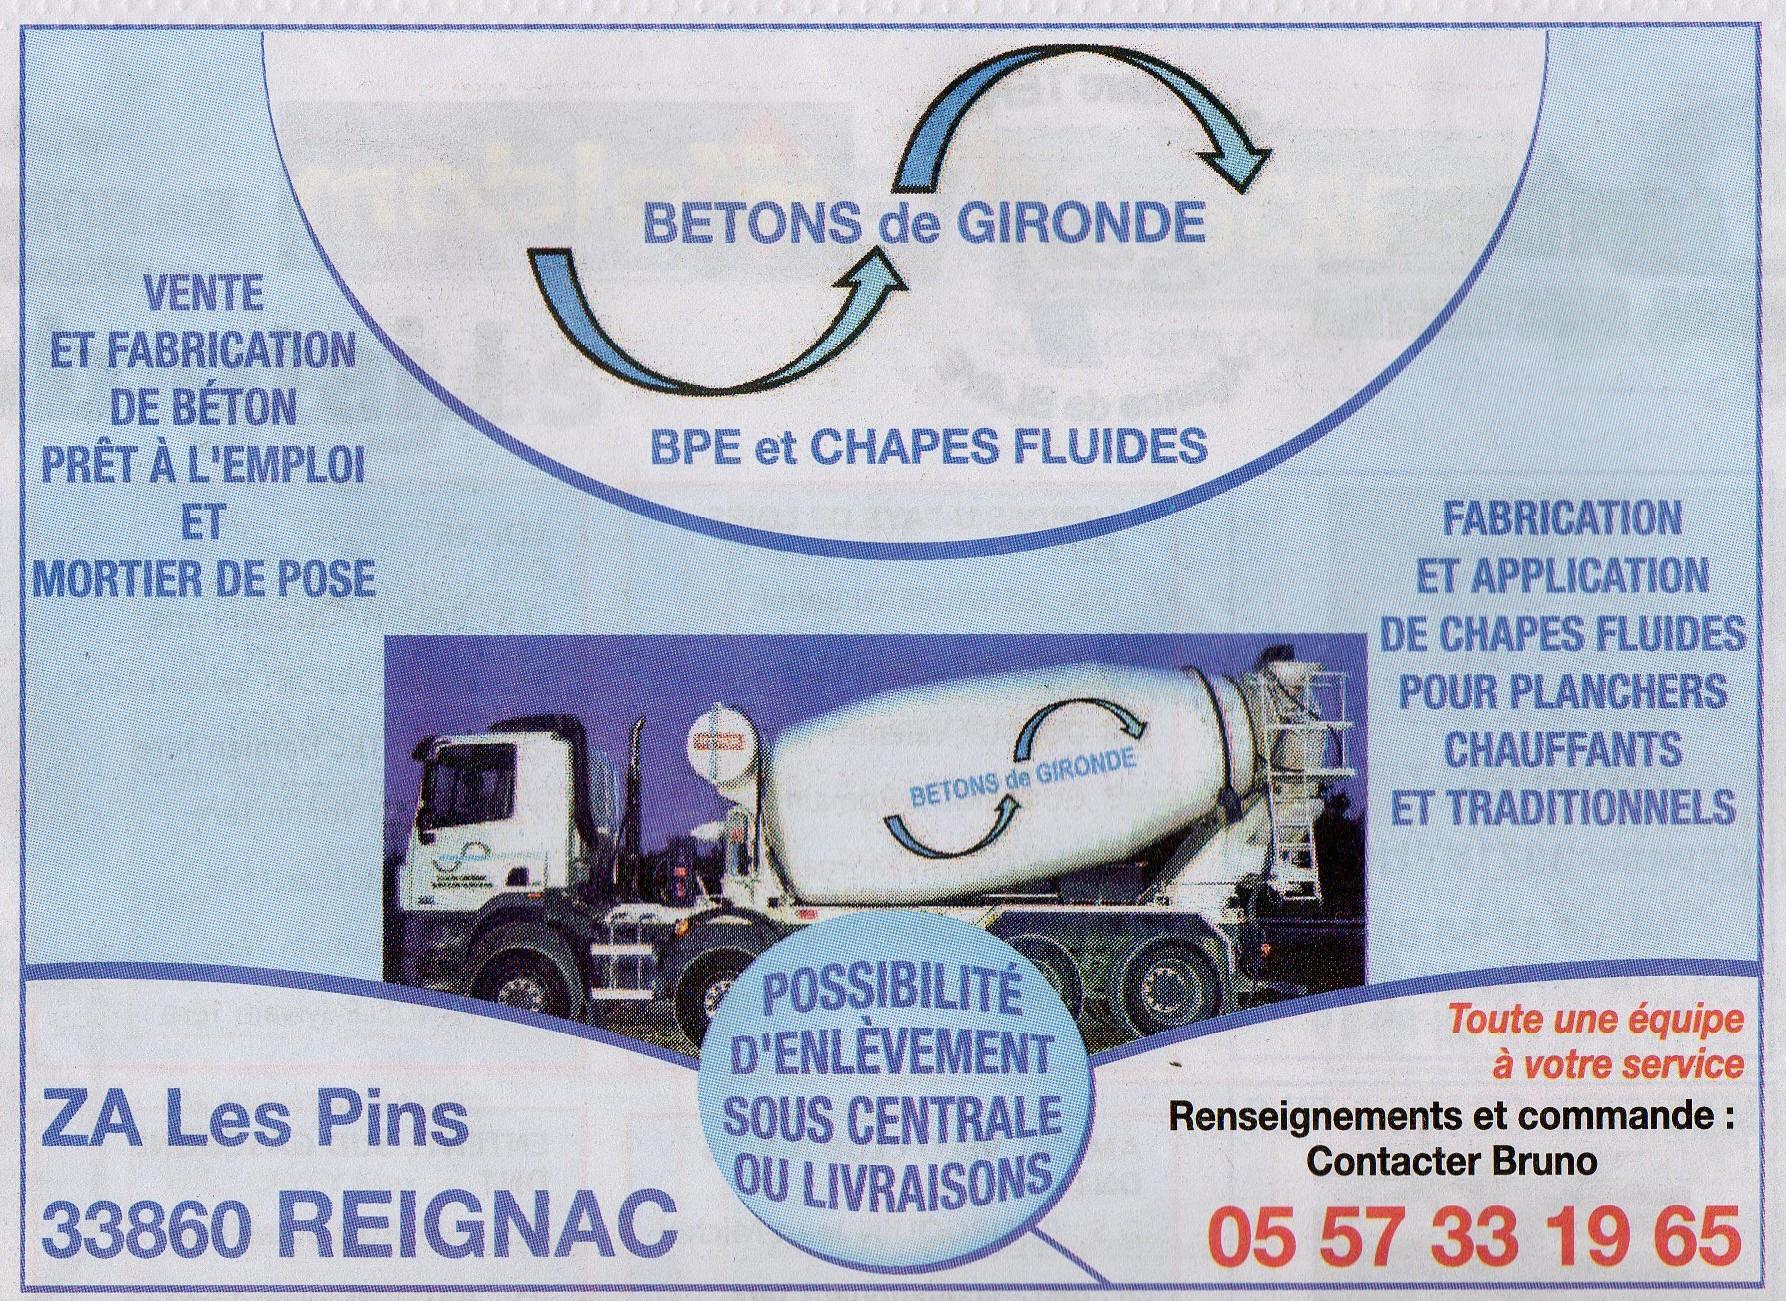 B+®tons de Gironde002